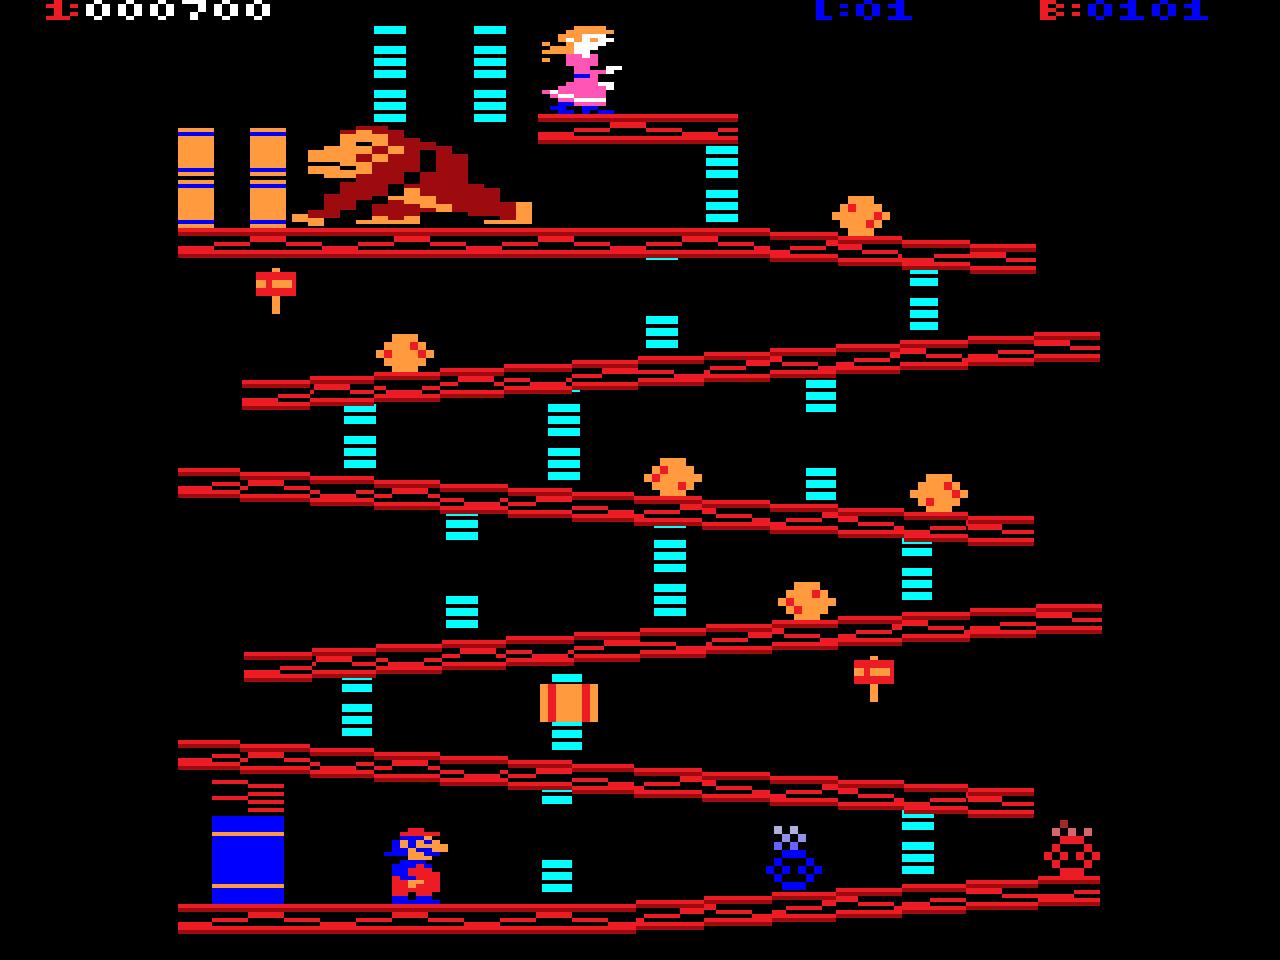 Donkey Kong auf der Atari 2600. Platz 10 der schlechtesten Arcade-Portierungen für Heimkonsolen?! Na und? Spaß hat´s trotzdem gemacht! (Bild: Nintendo)